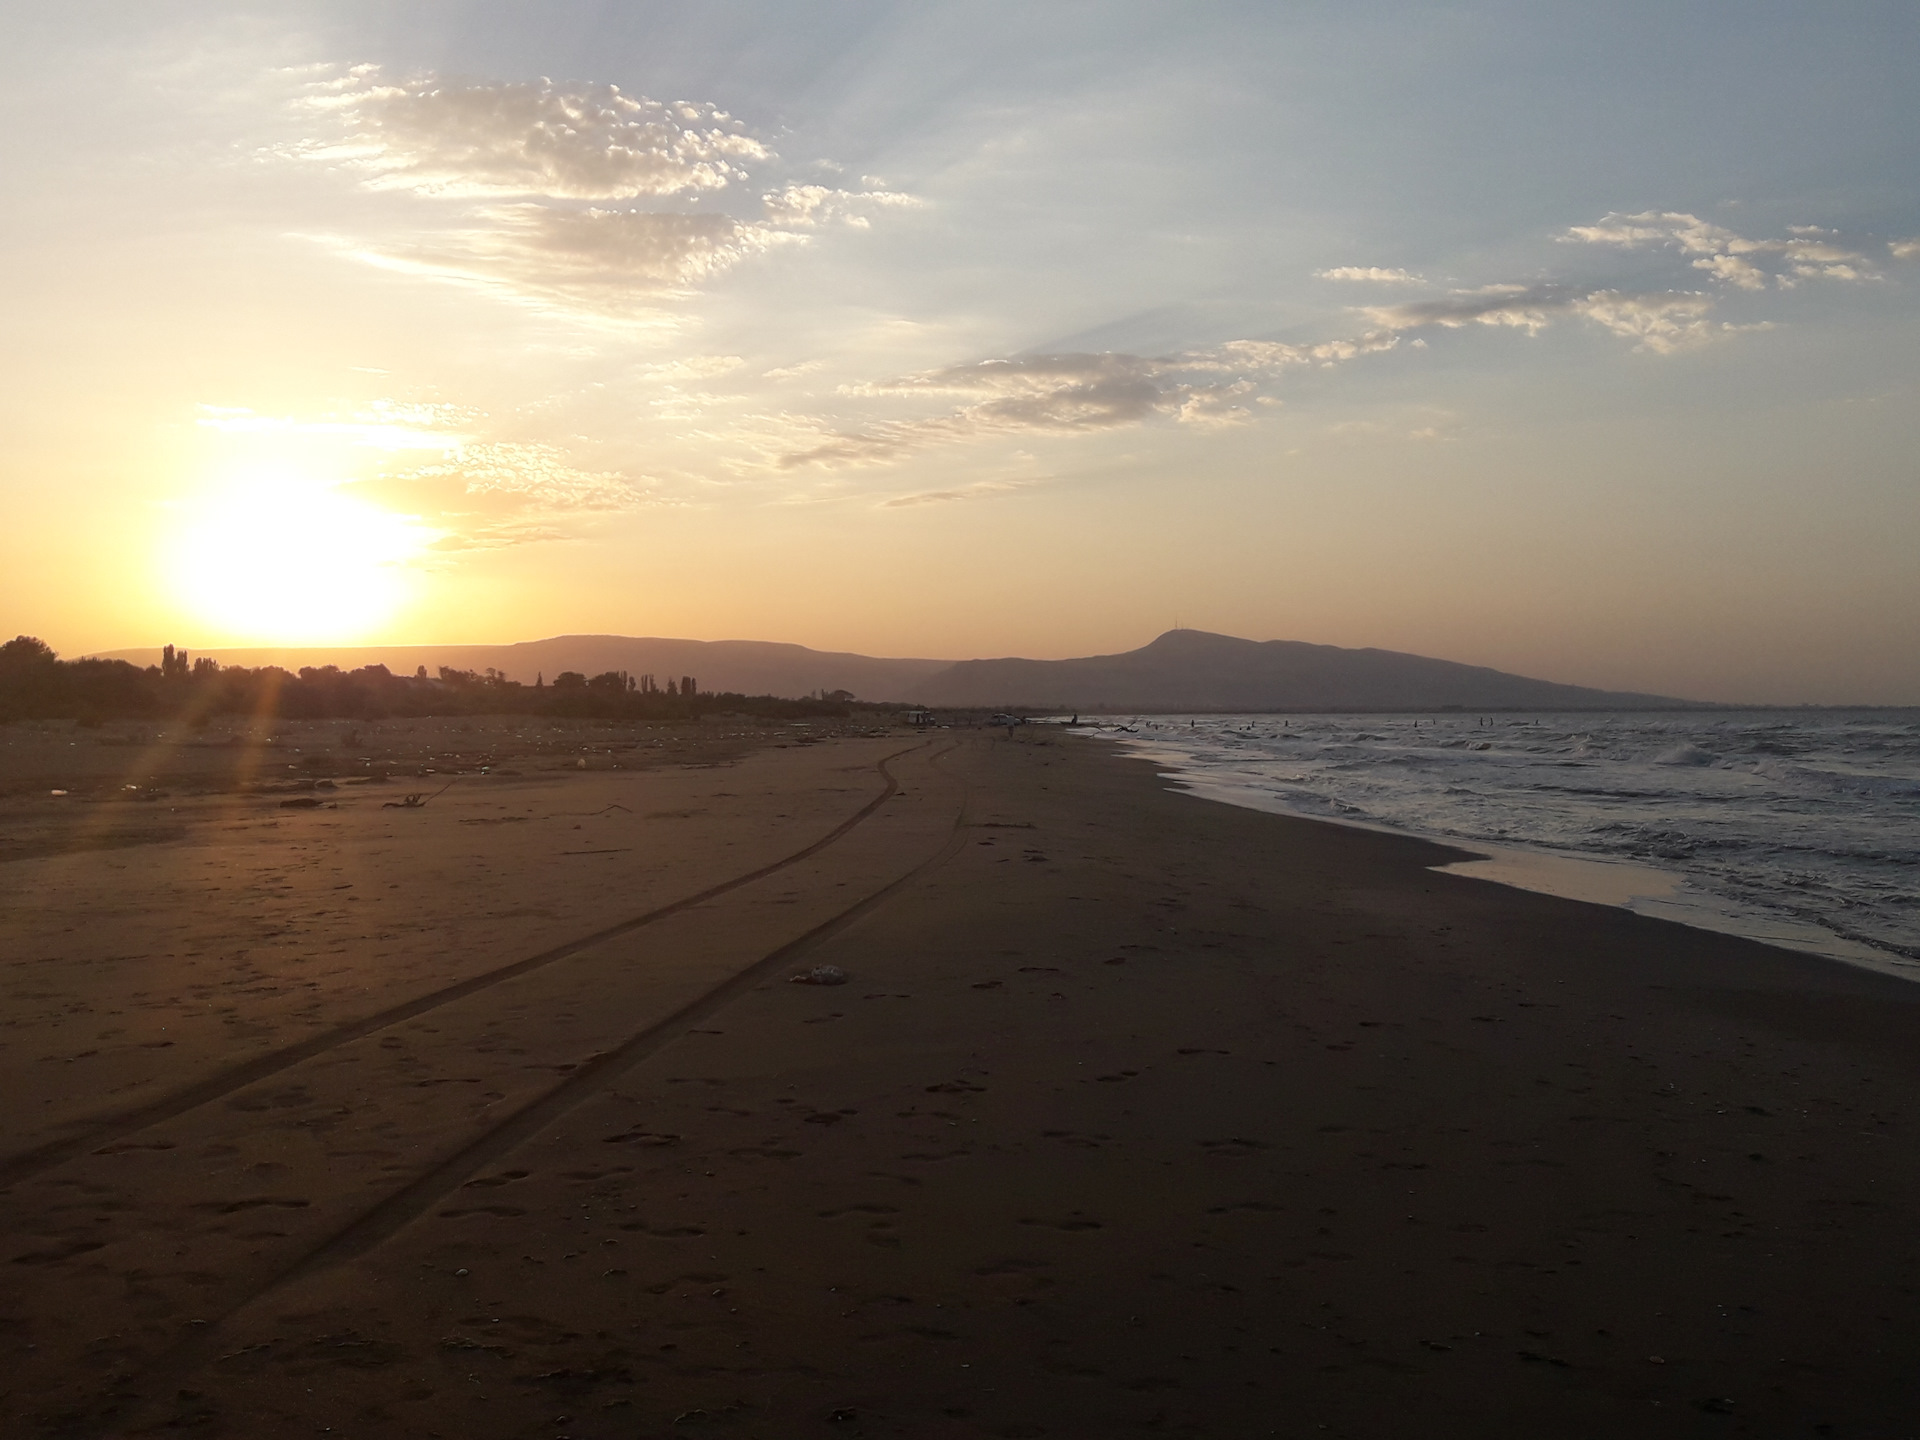 место, картинки каспийского моря в дербенте окончания публичного обсуждения